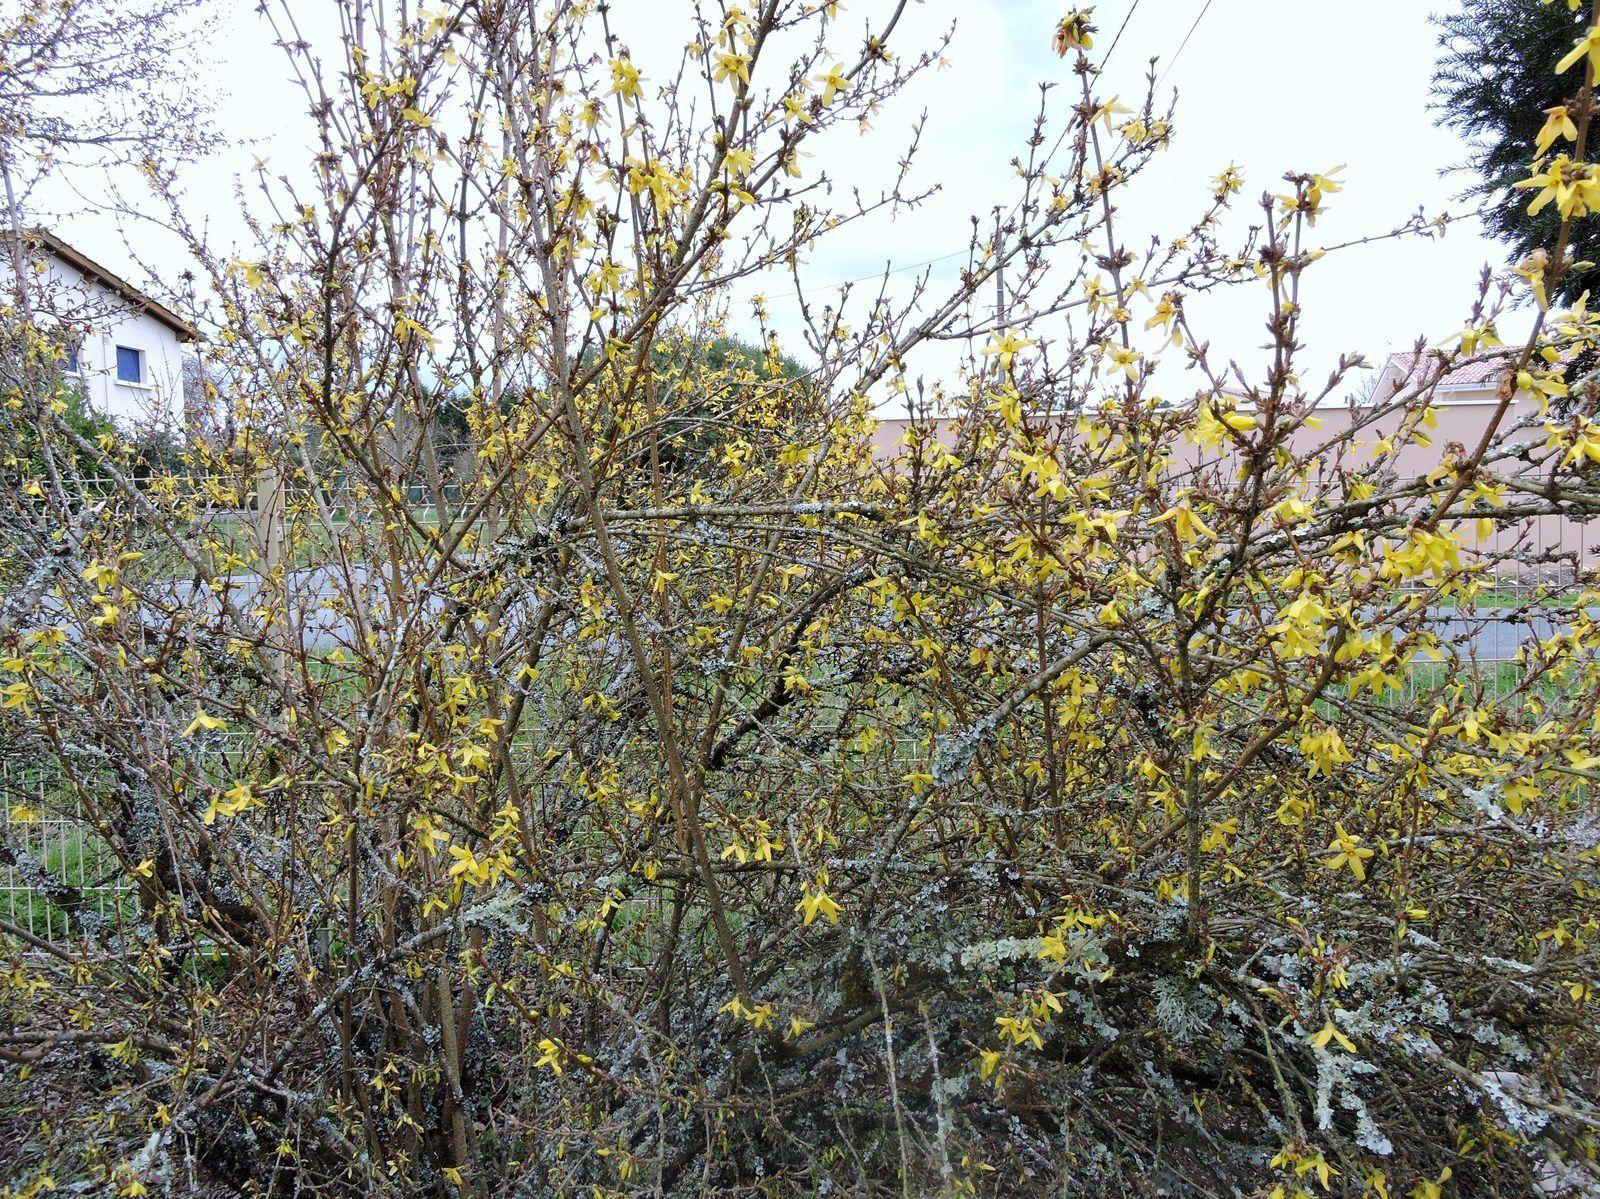 Le forsythia  se recouvre de clochettes jaunes signe que le printemps est bien route !